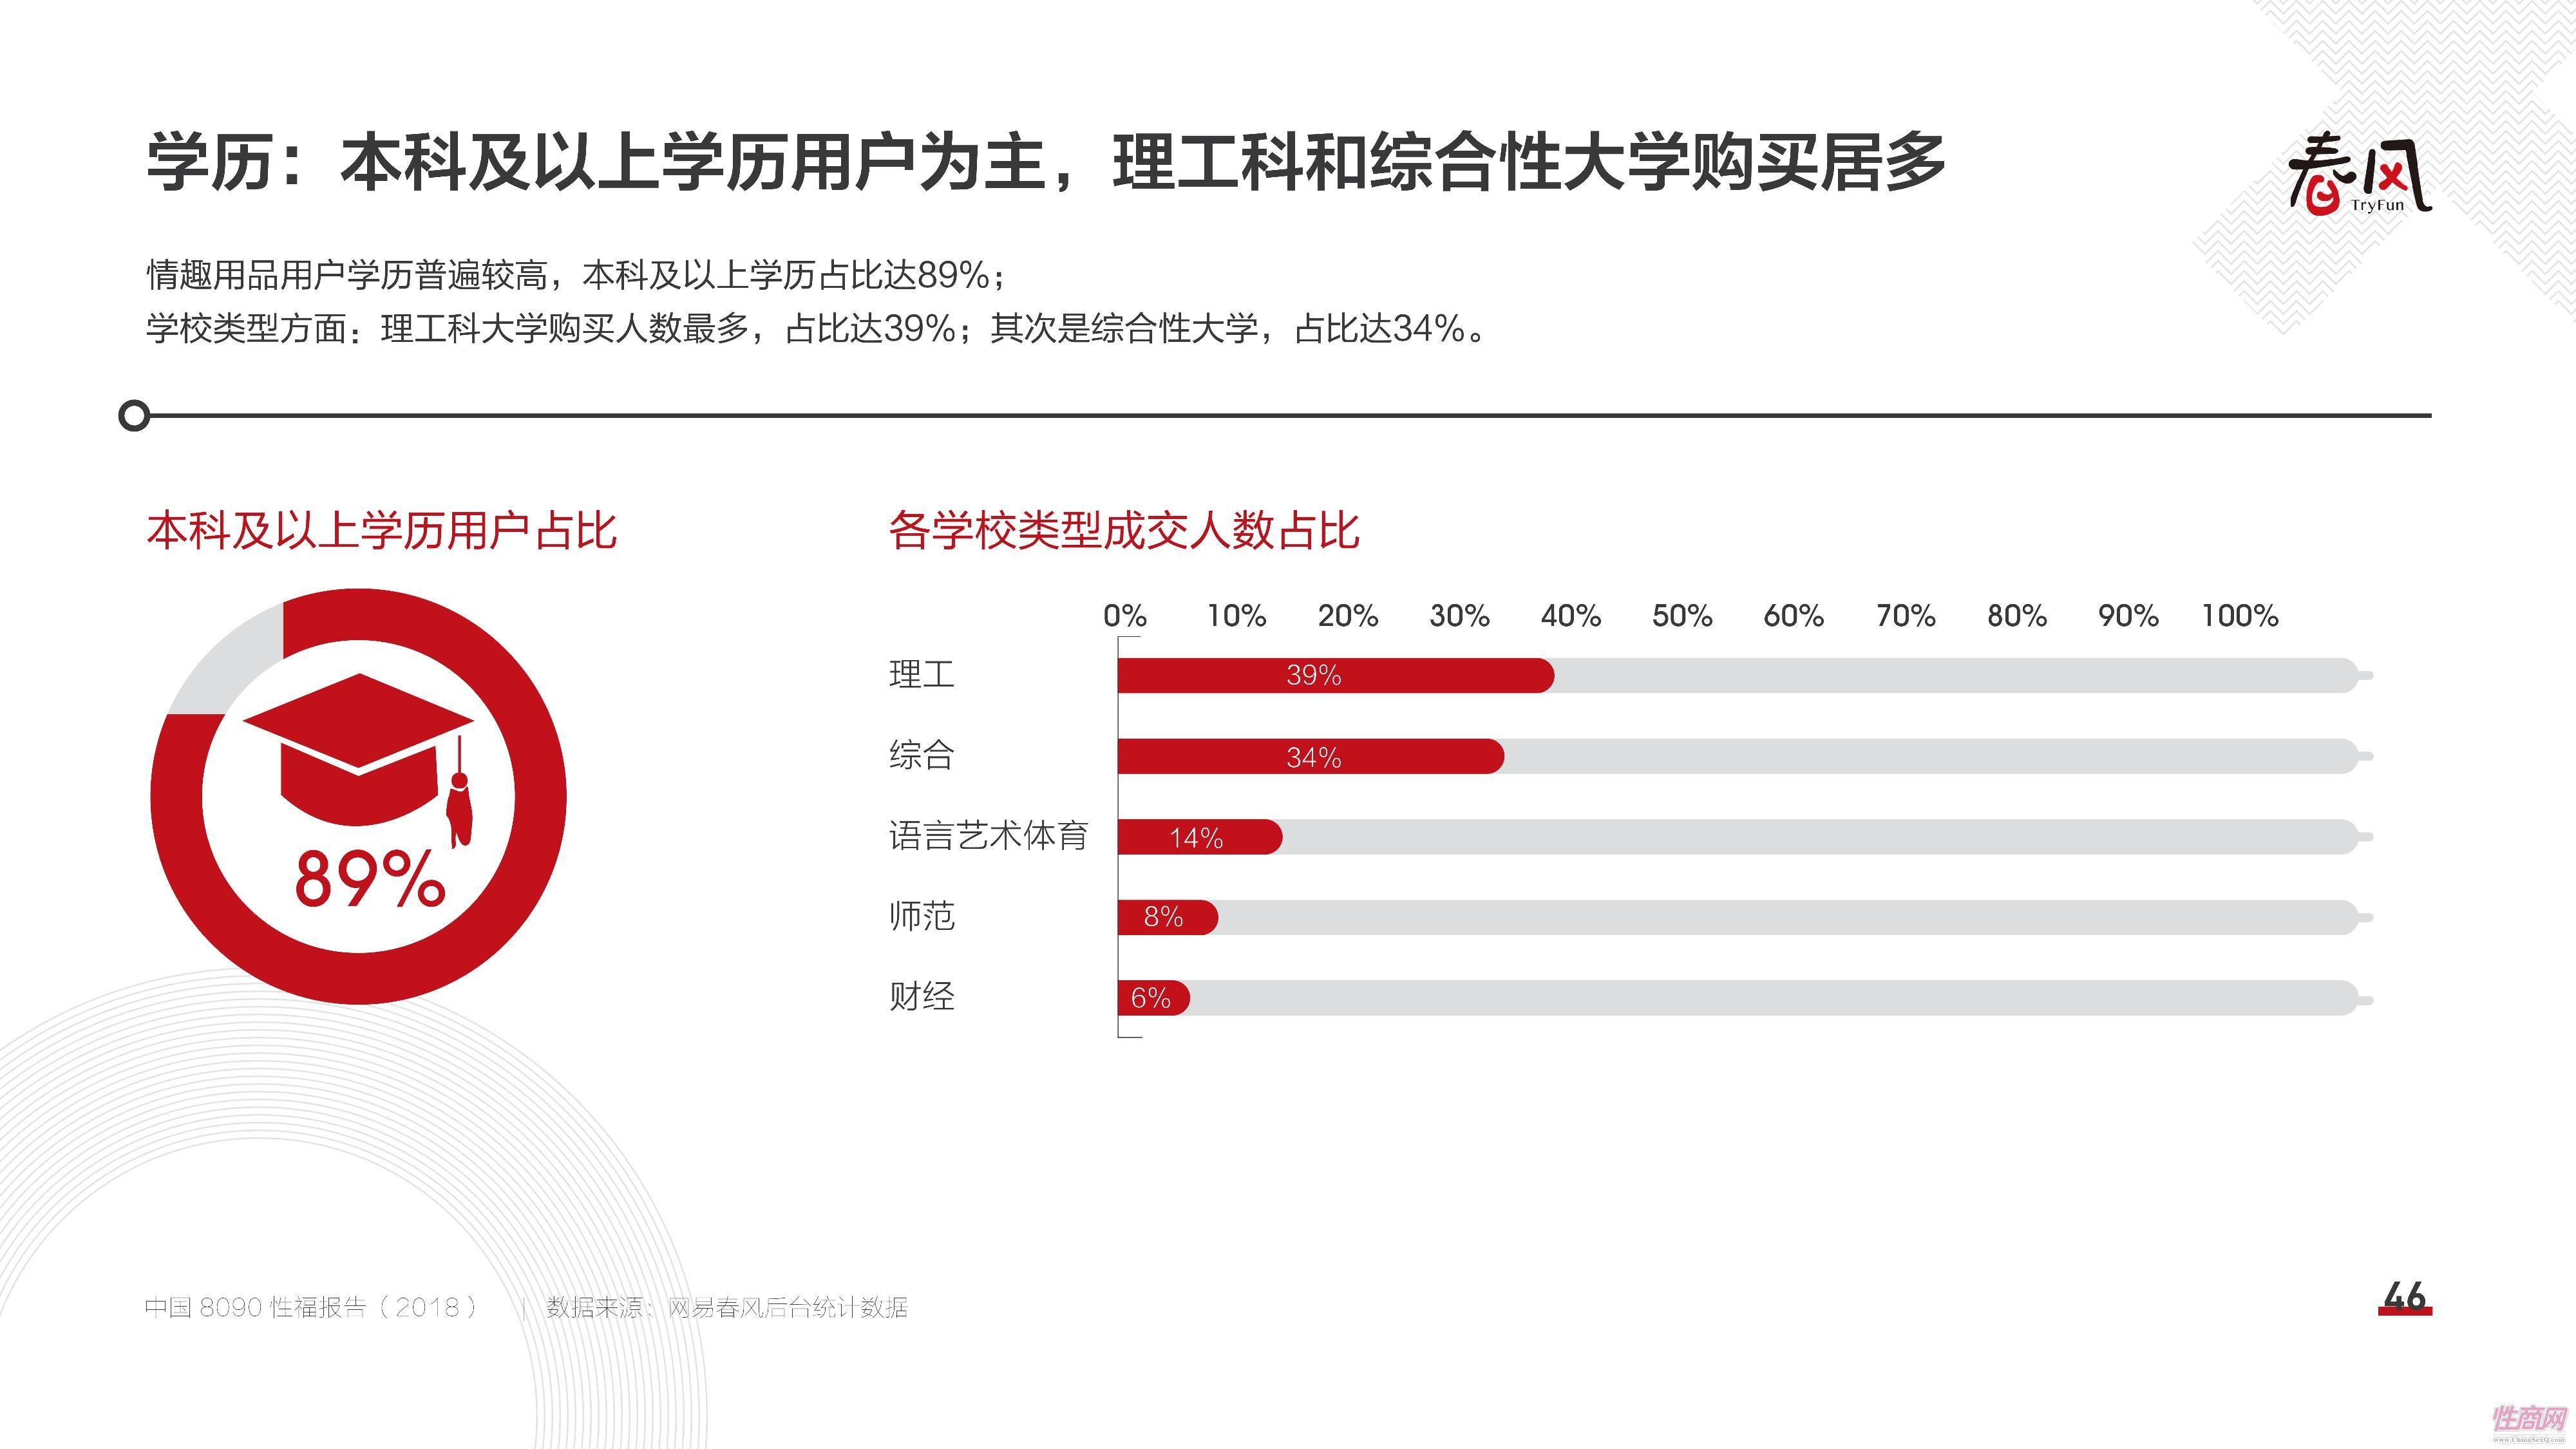 18中国8090性福报告 (45)